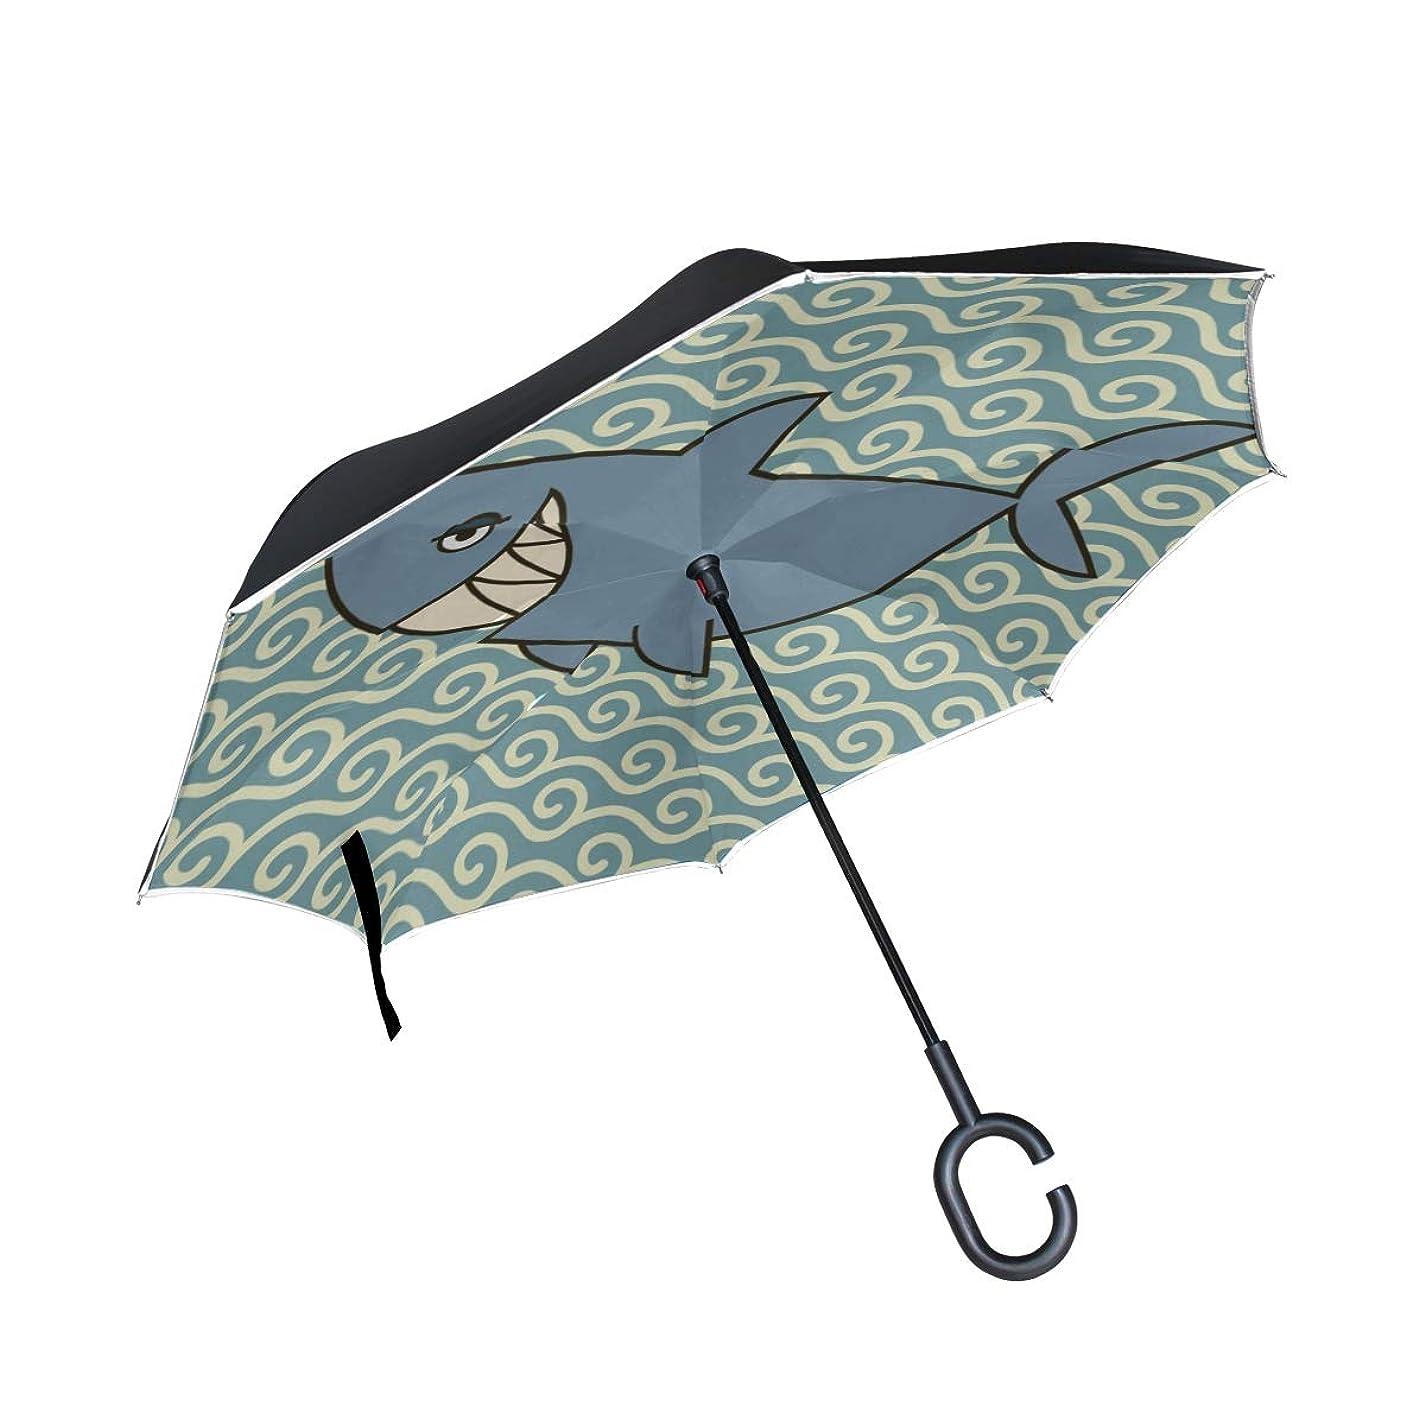 アラビア語店主宿題CYDBQ 逆さ傘 カッコイイ動物 サメ 長傘 逆折り式傘 折りたたみ傘 逆転傘 手離れc型手元 耐風 撥水 車用 晴雨兼用 8本骨 梅雨対策 Uvカット 自立